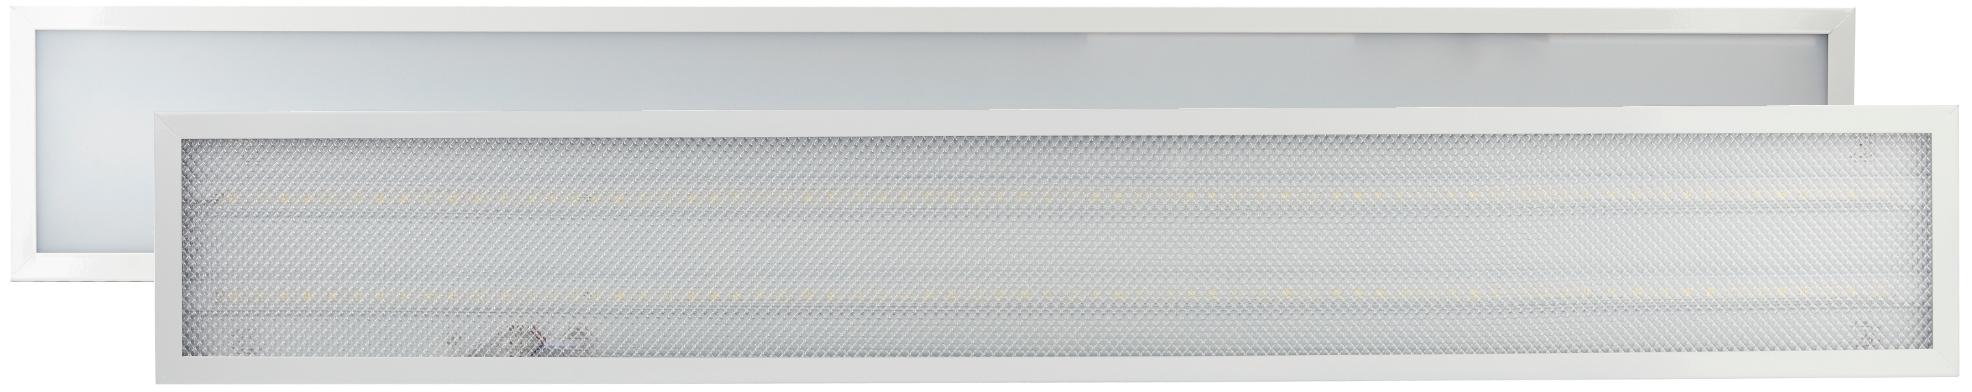 Светодиодный светильник ЛПО - внешний вид